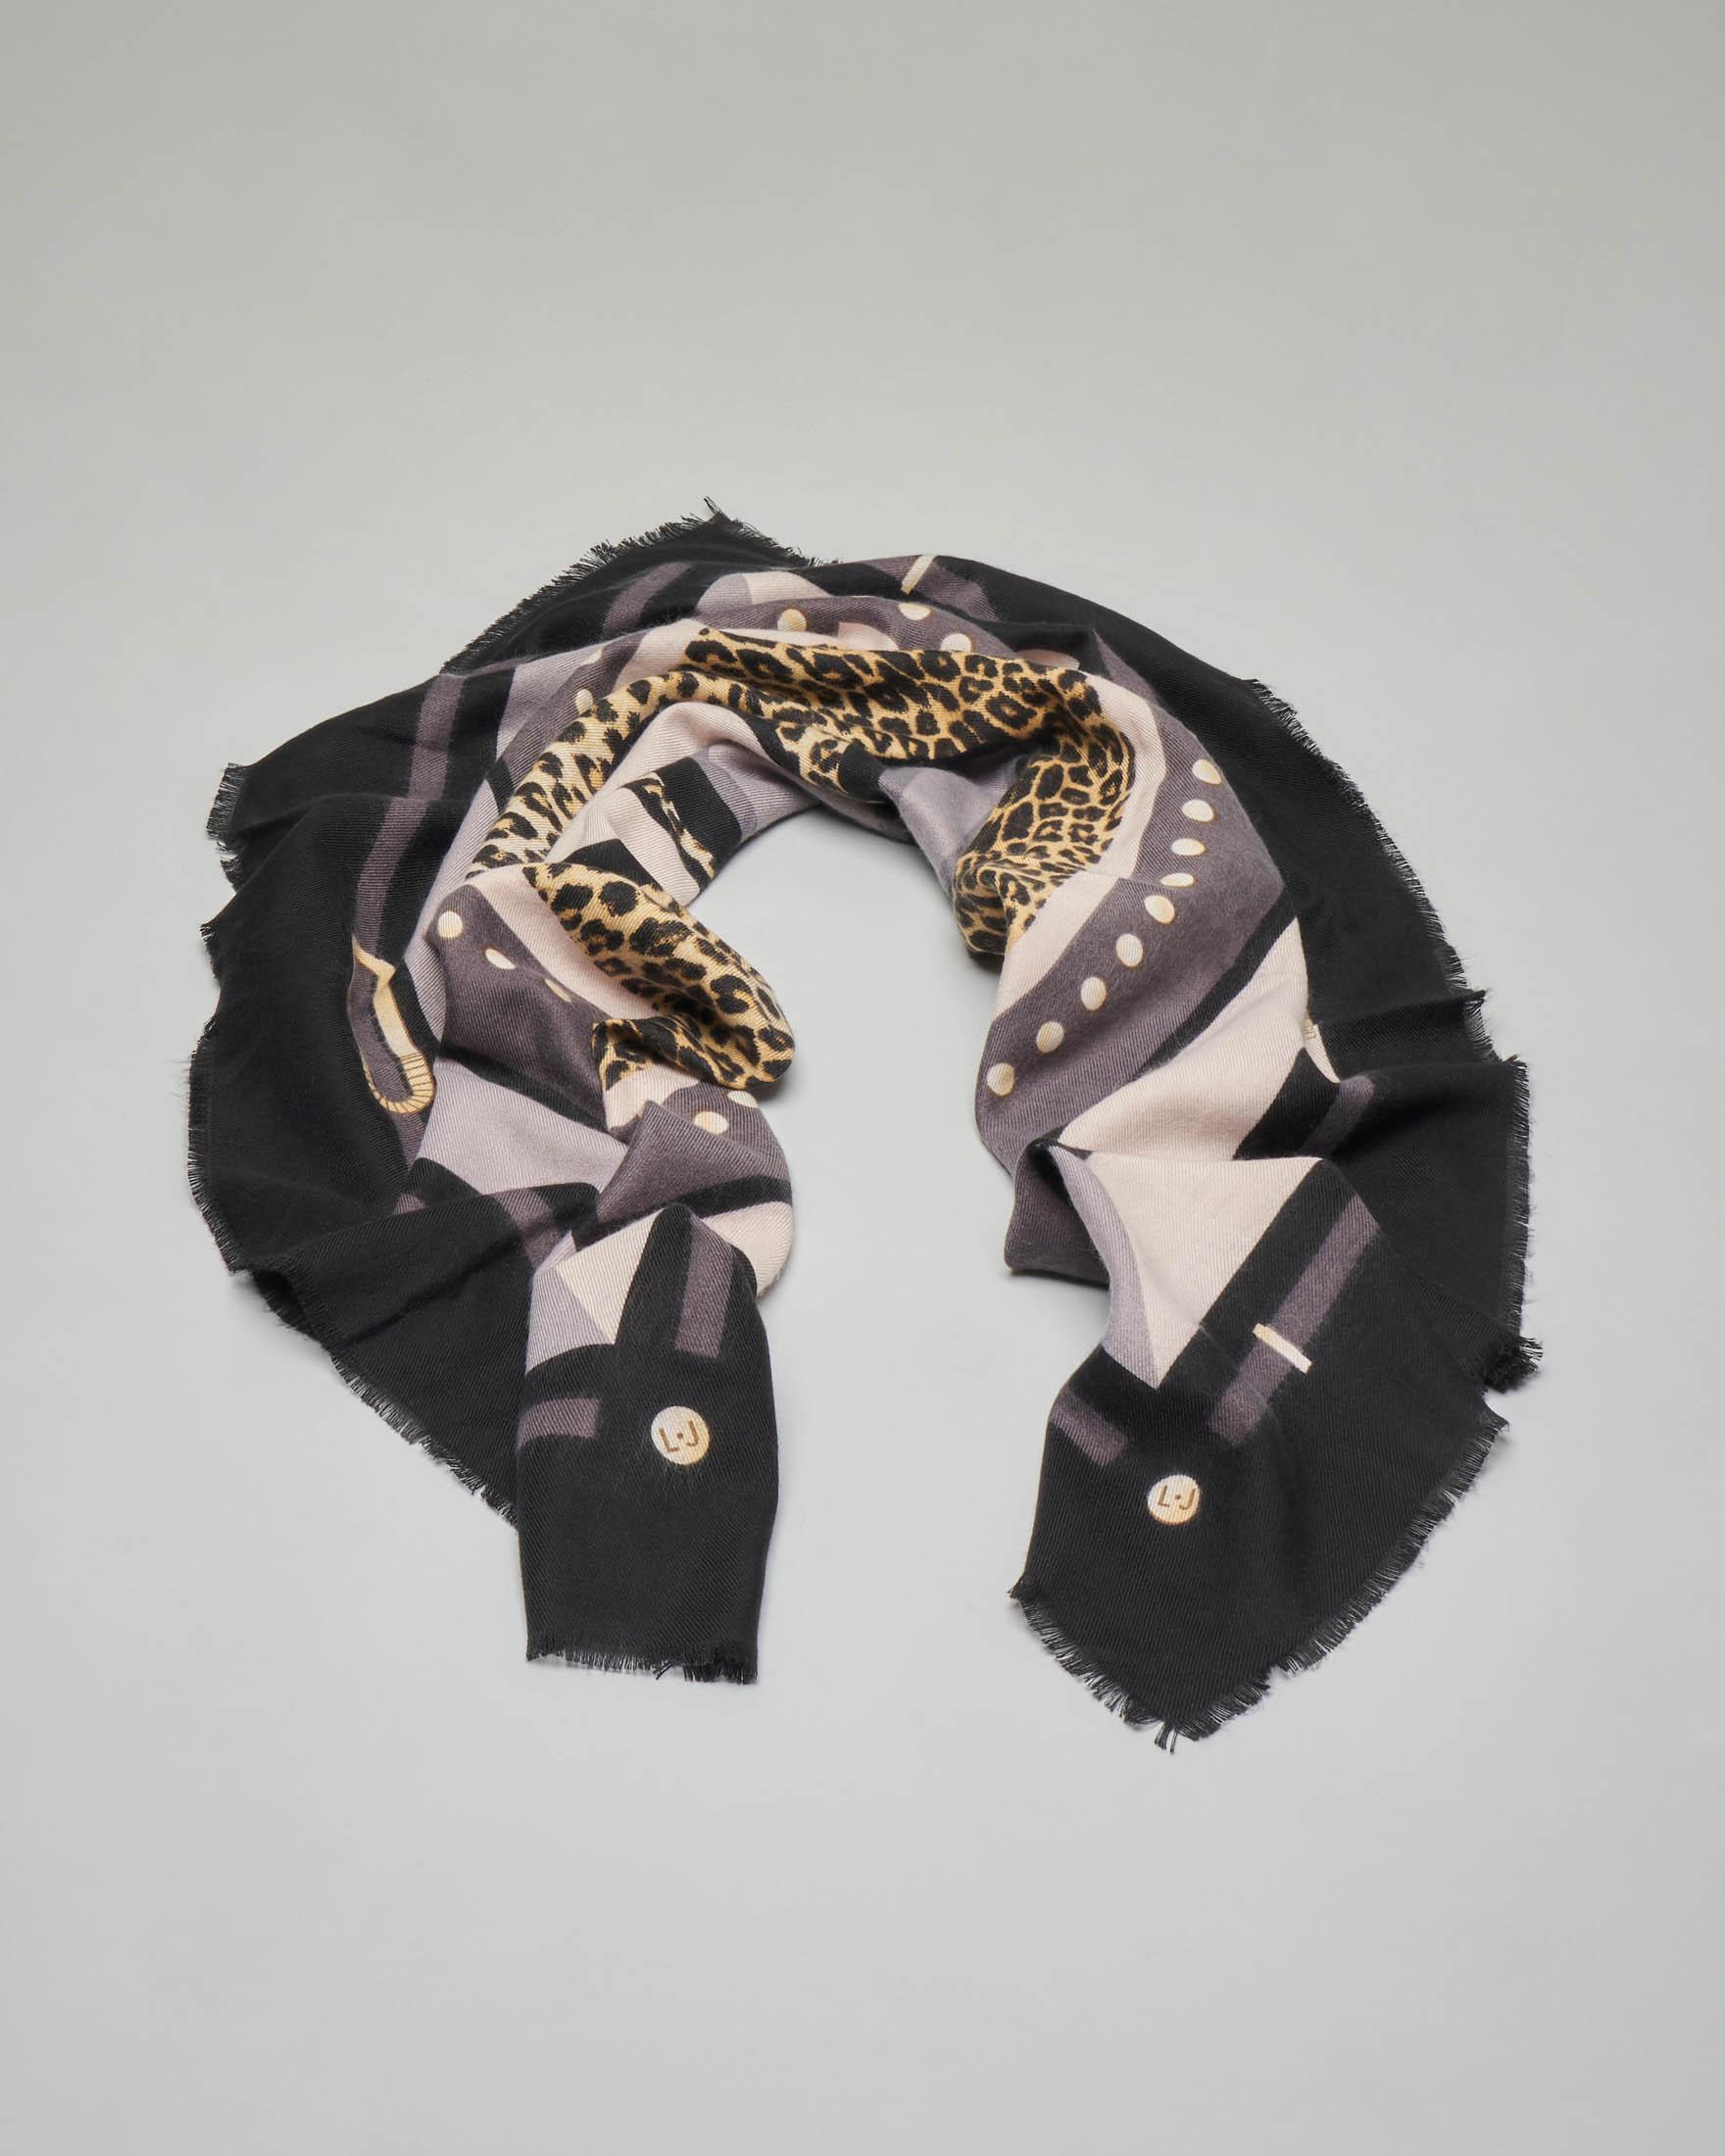 Foulard quadrato con stampa animalier e riquadro nero